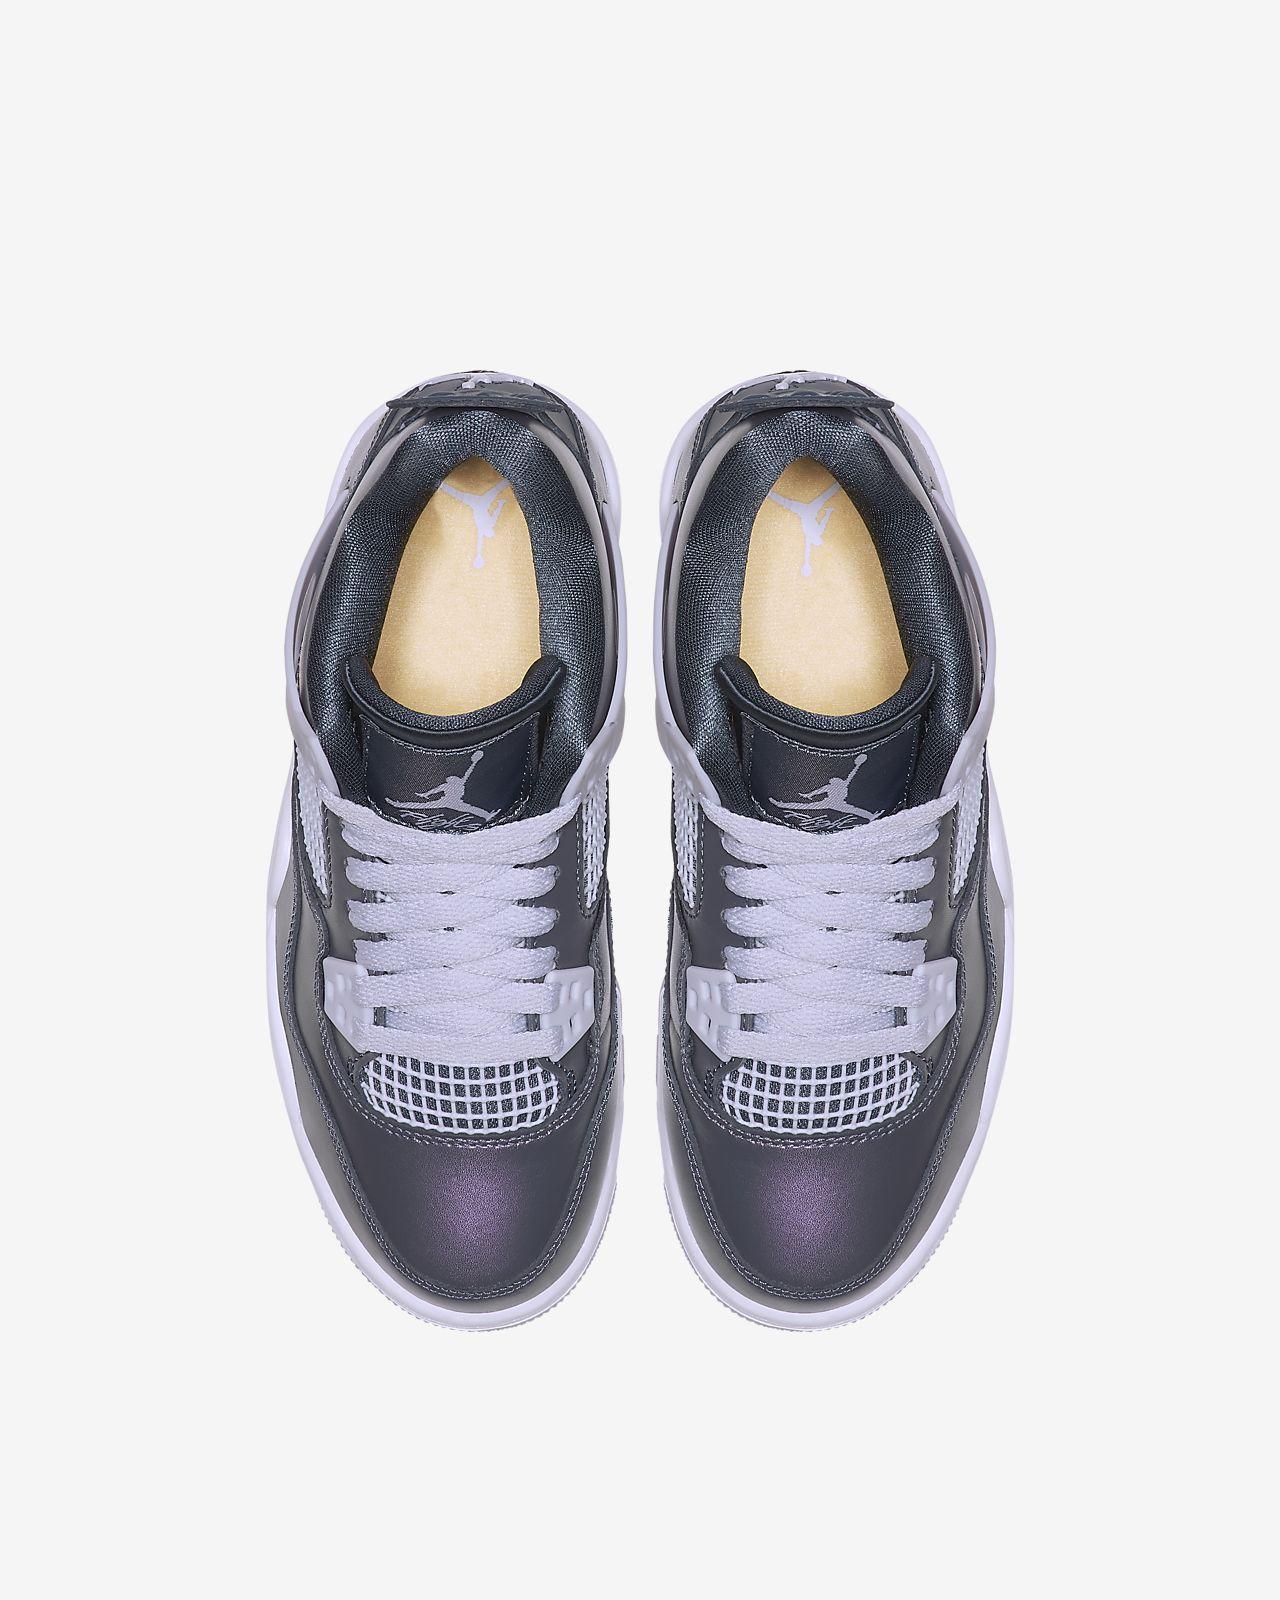 size 40 95d2d dc253 Air Jordan 4 Retro SE Big Kids' Shoe